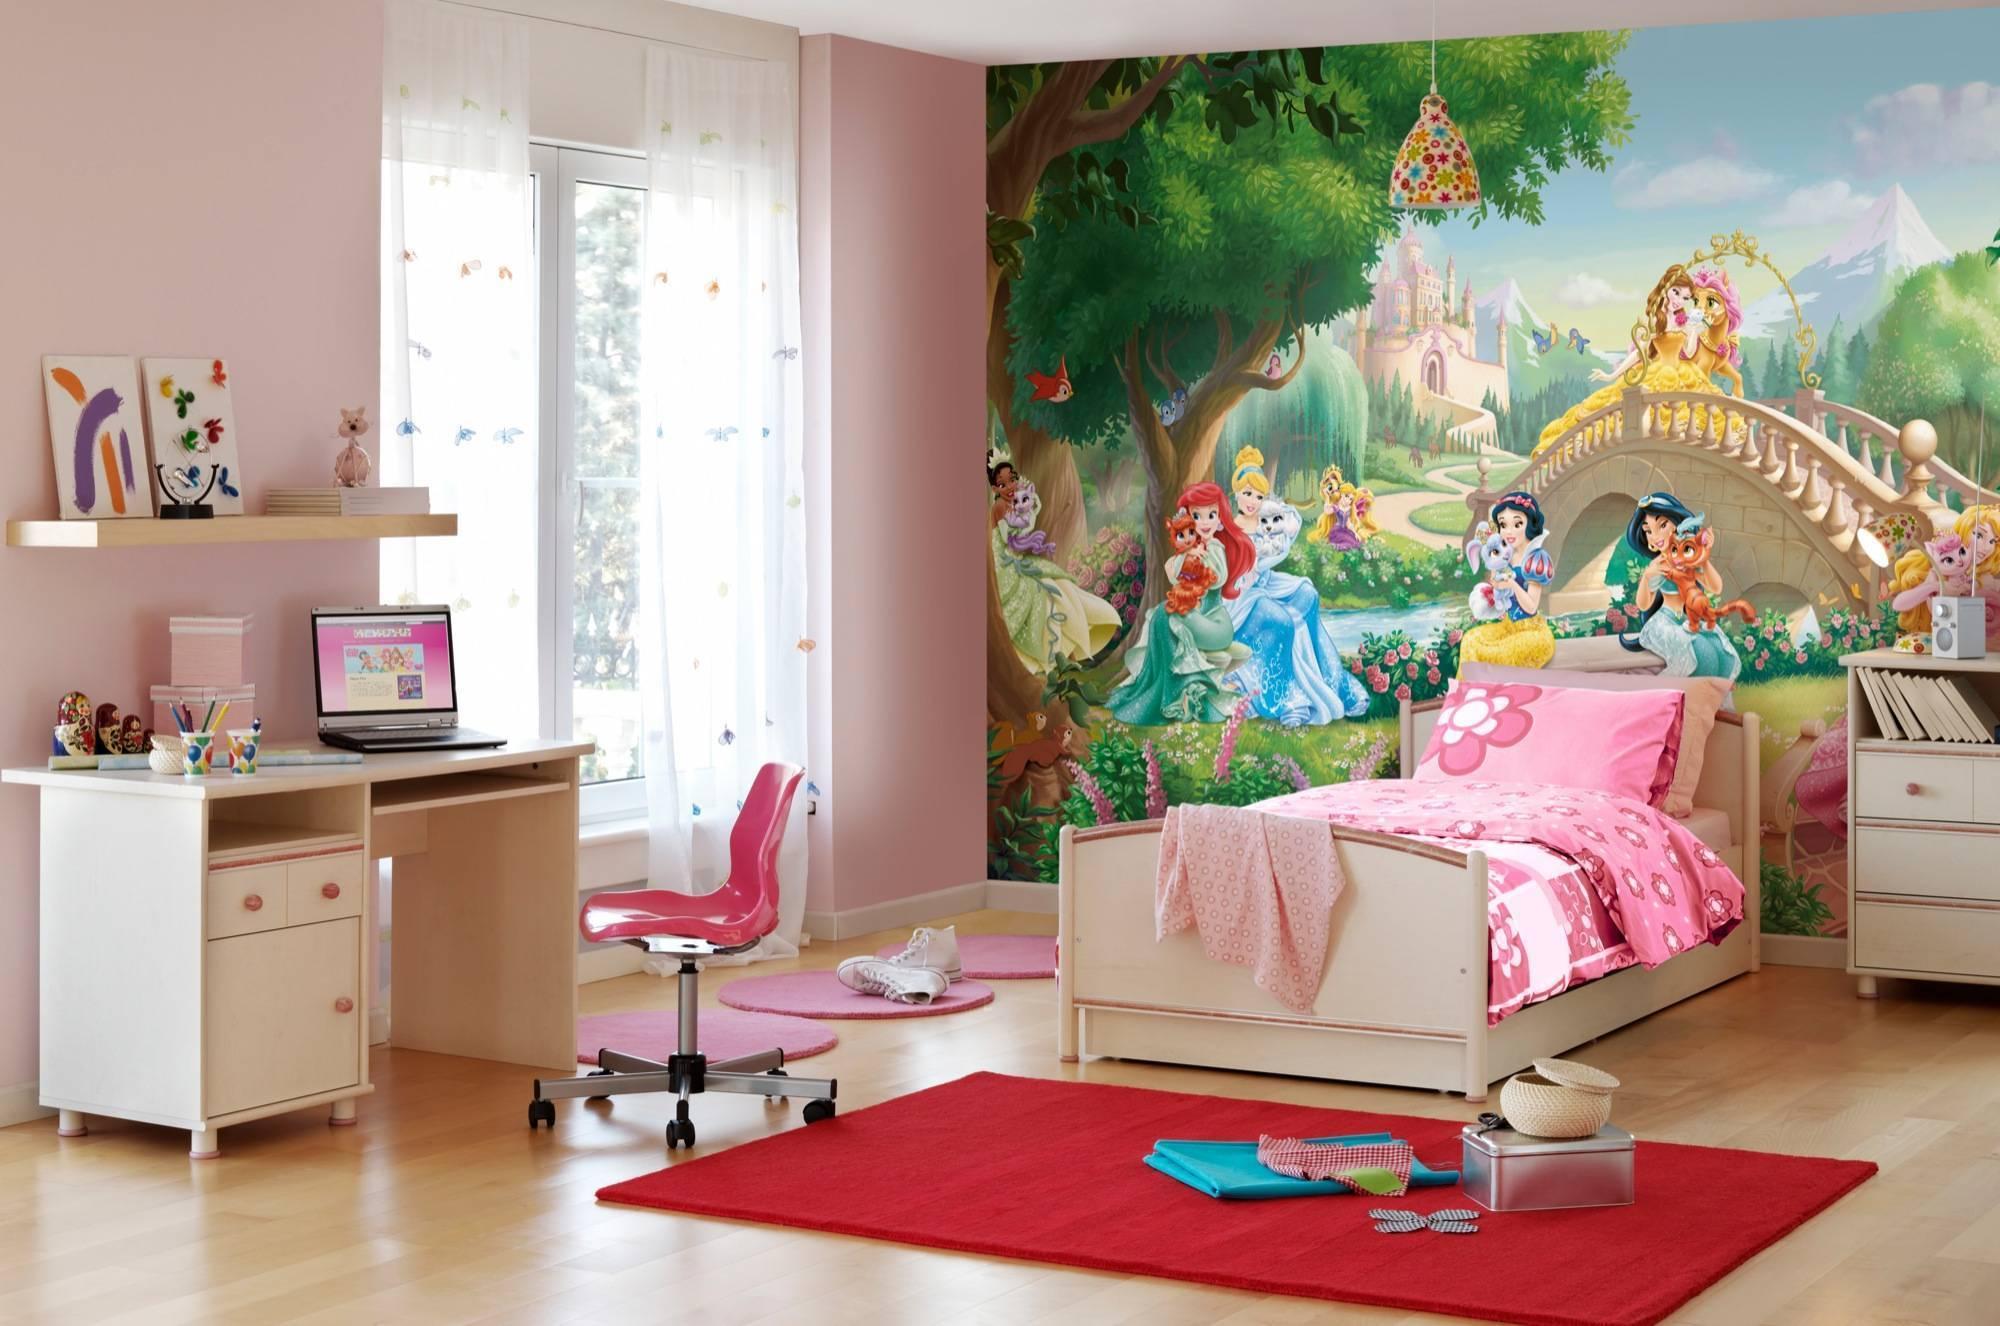 Обои на стену для подростков: фотообои для мальчика и девочки в спальню, какими поклеить комнату, фото